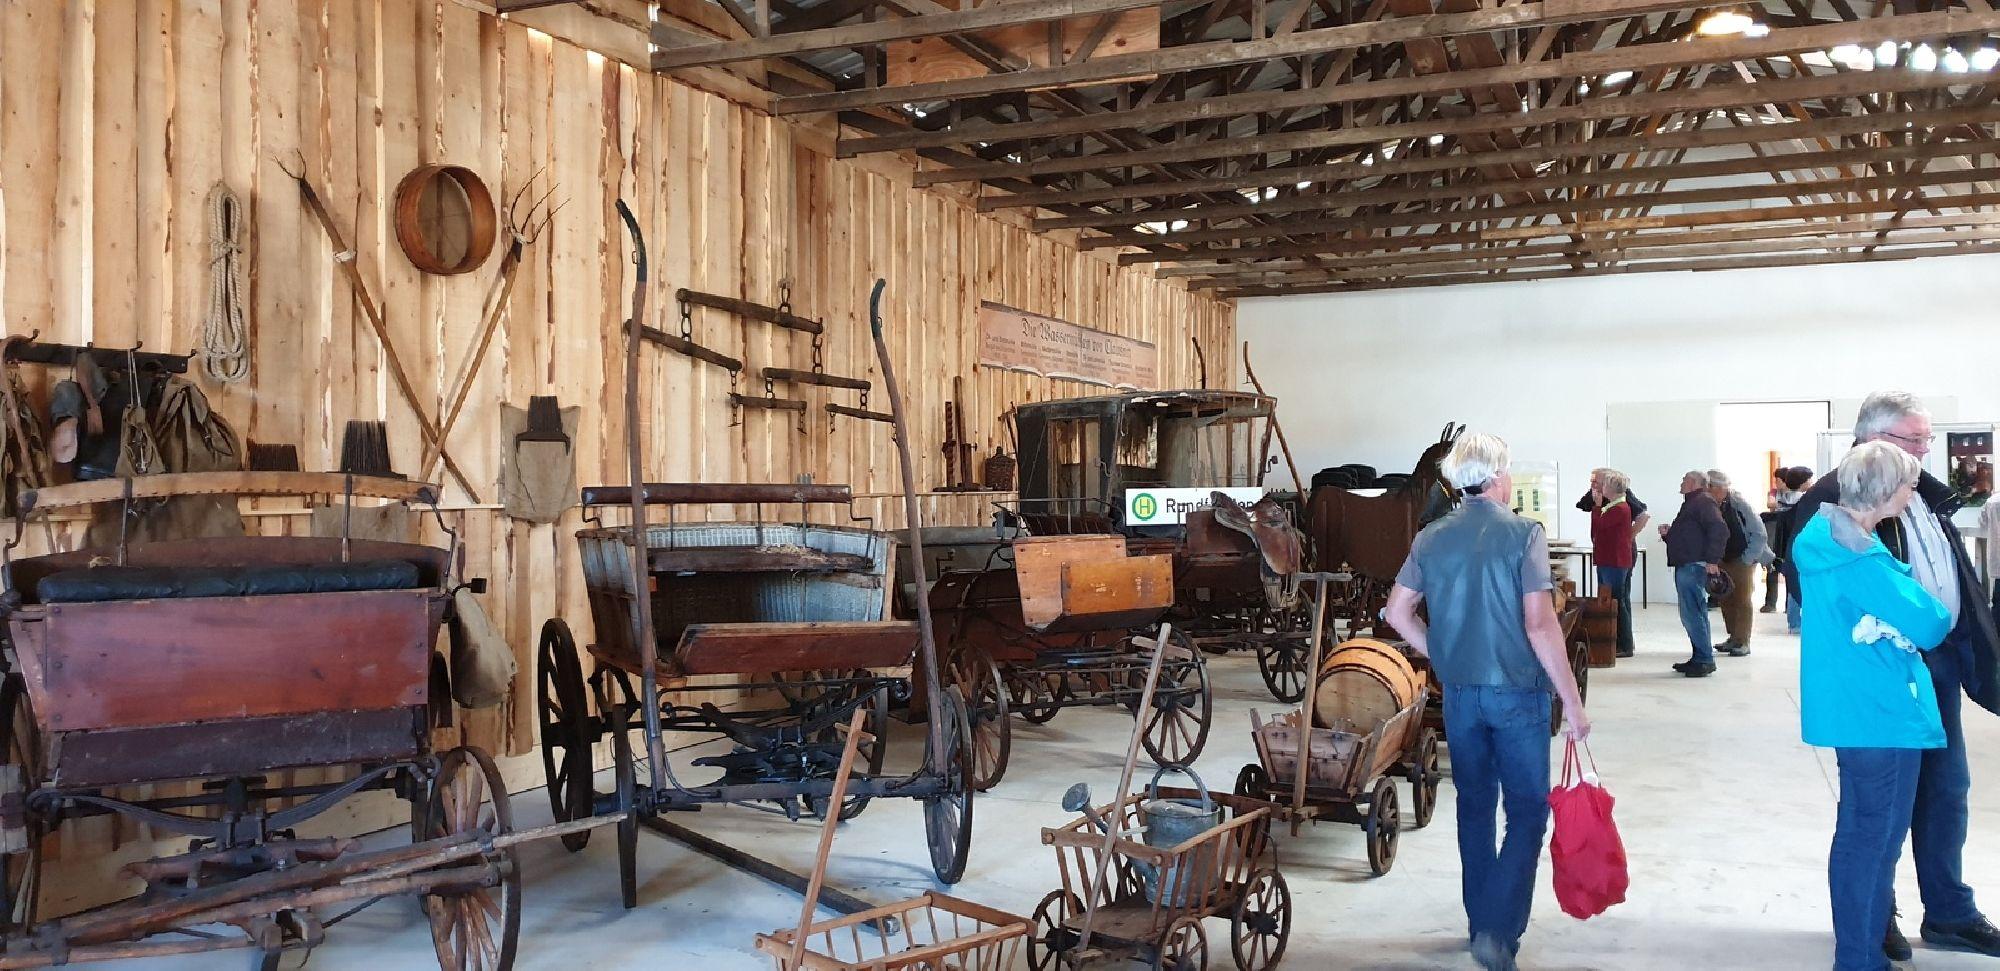 historische Landwirtschaftsmaschinenausstellung